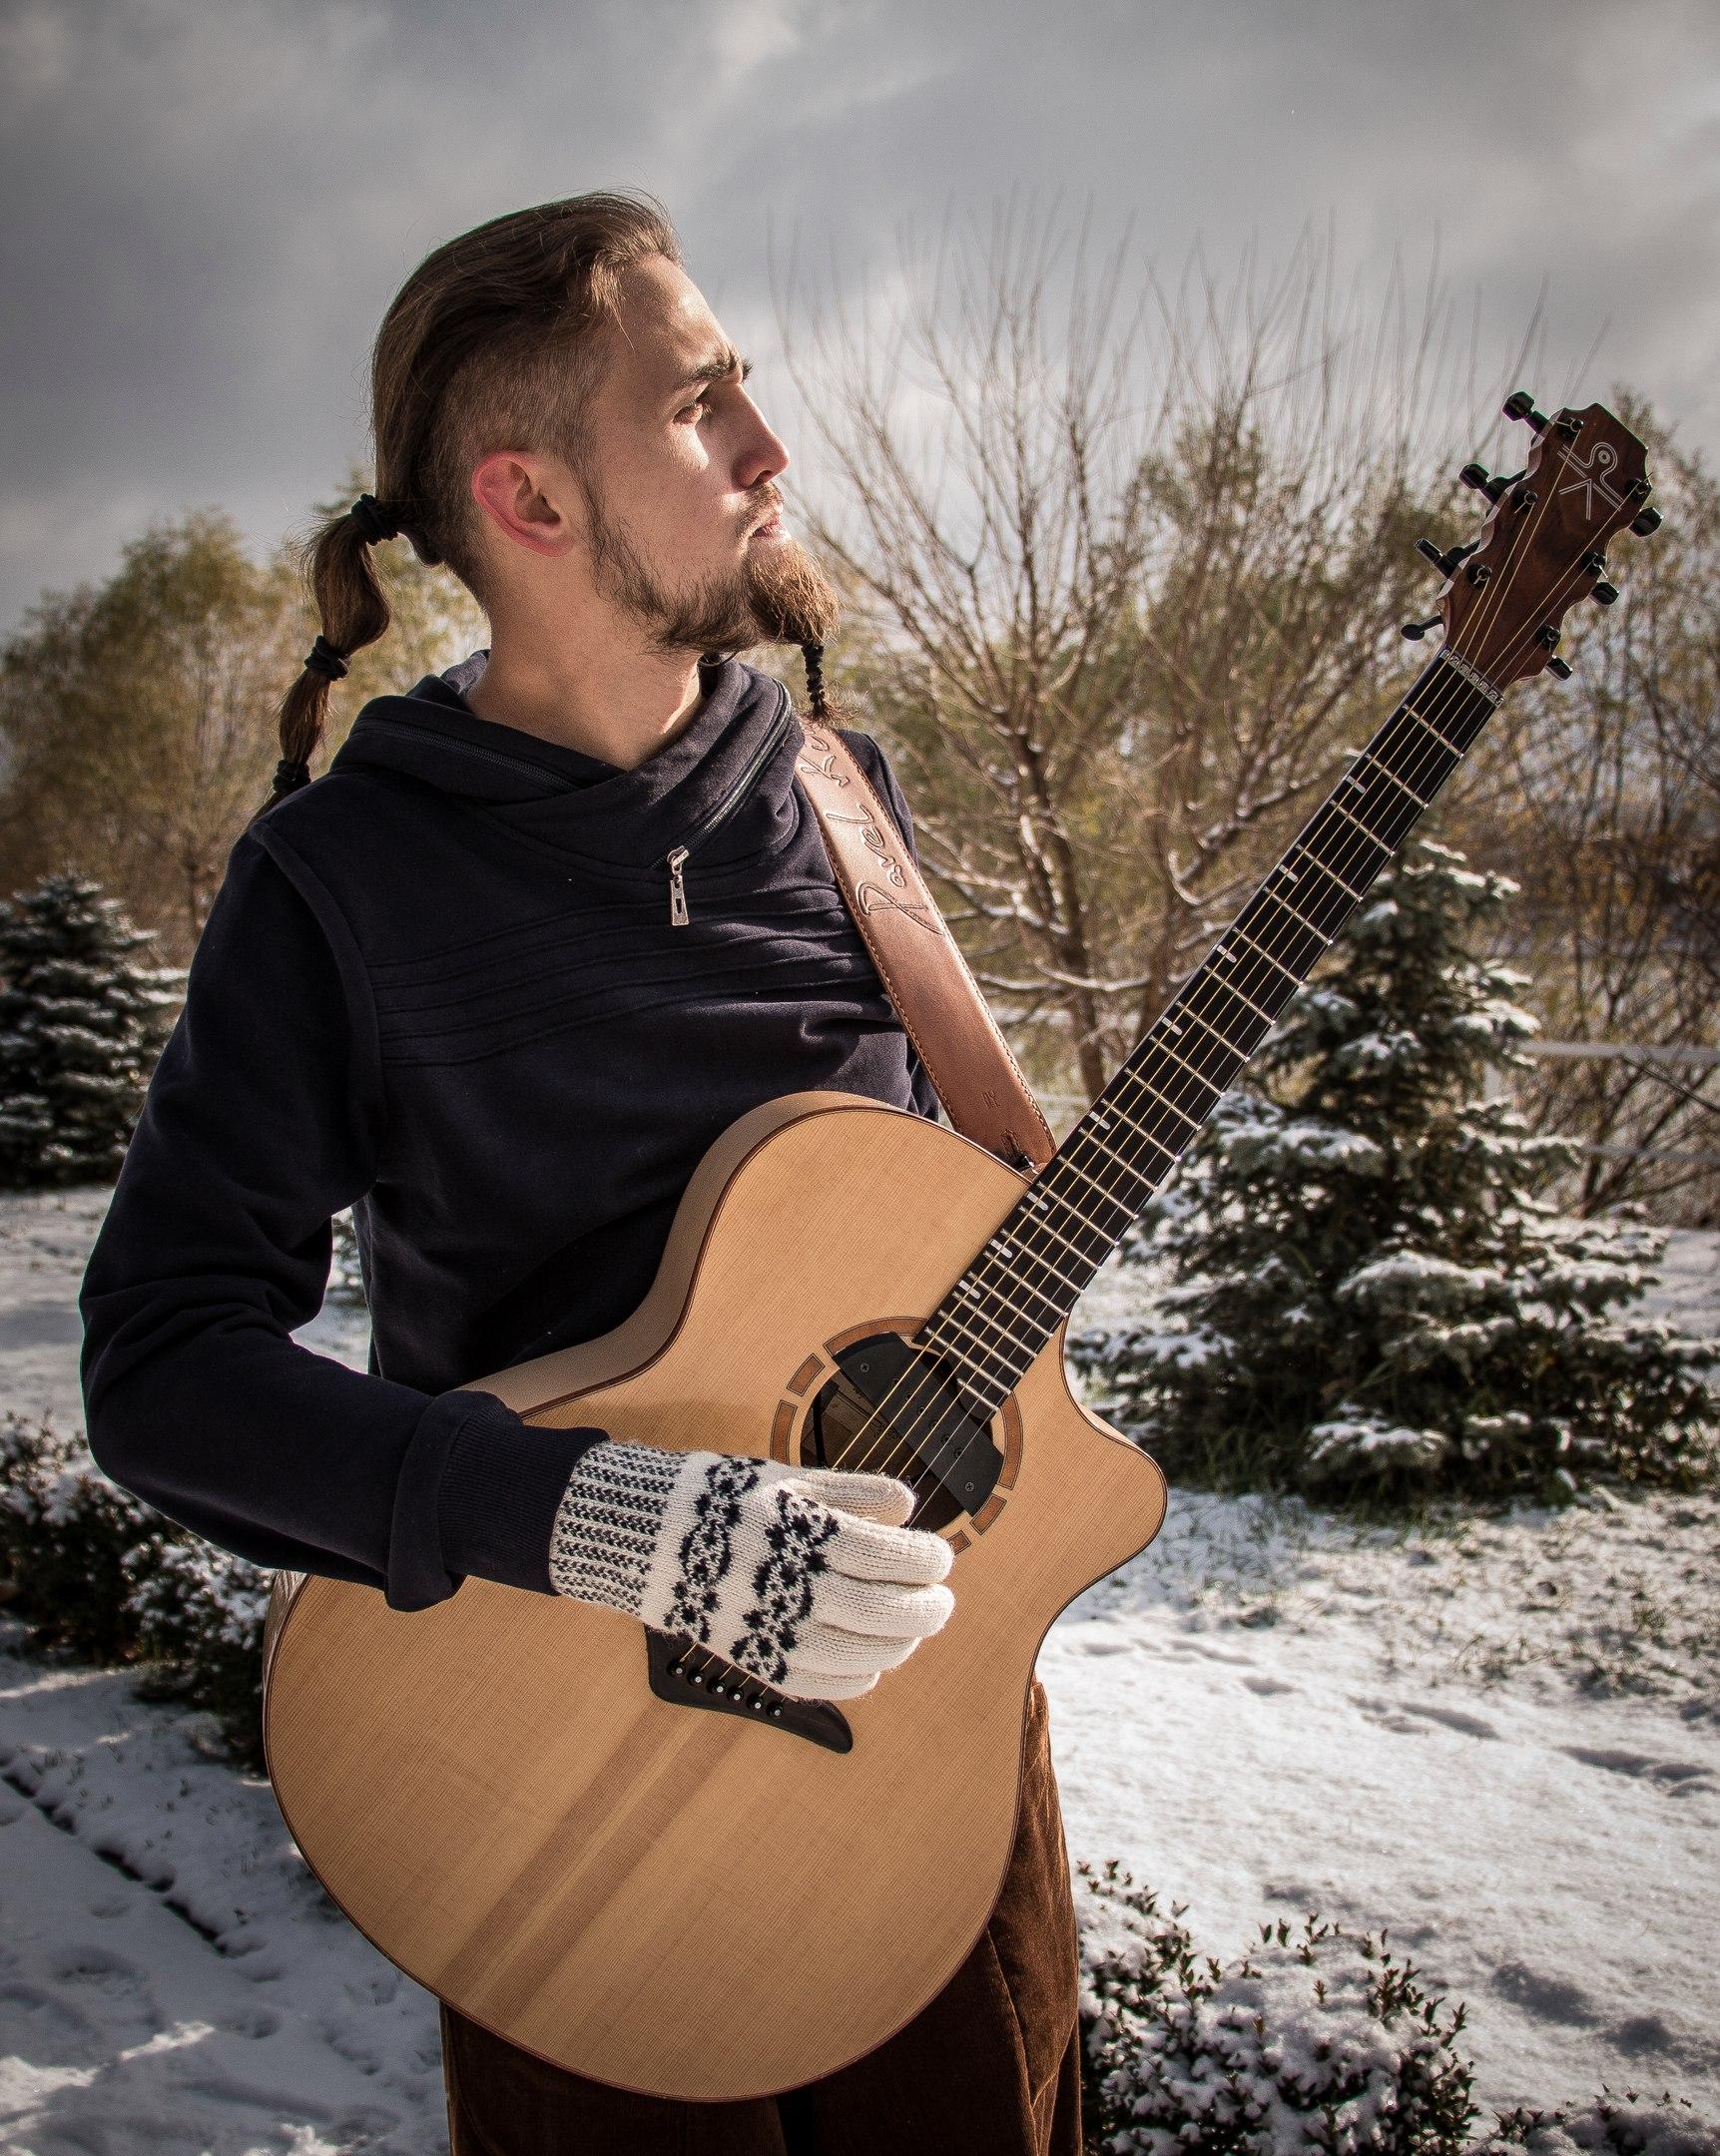 Преподаватель по фингерстайл гитаре. Заказ аранжировок.